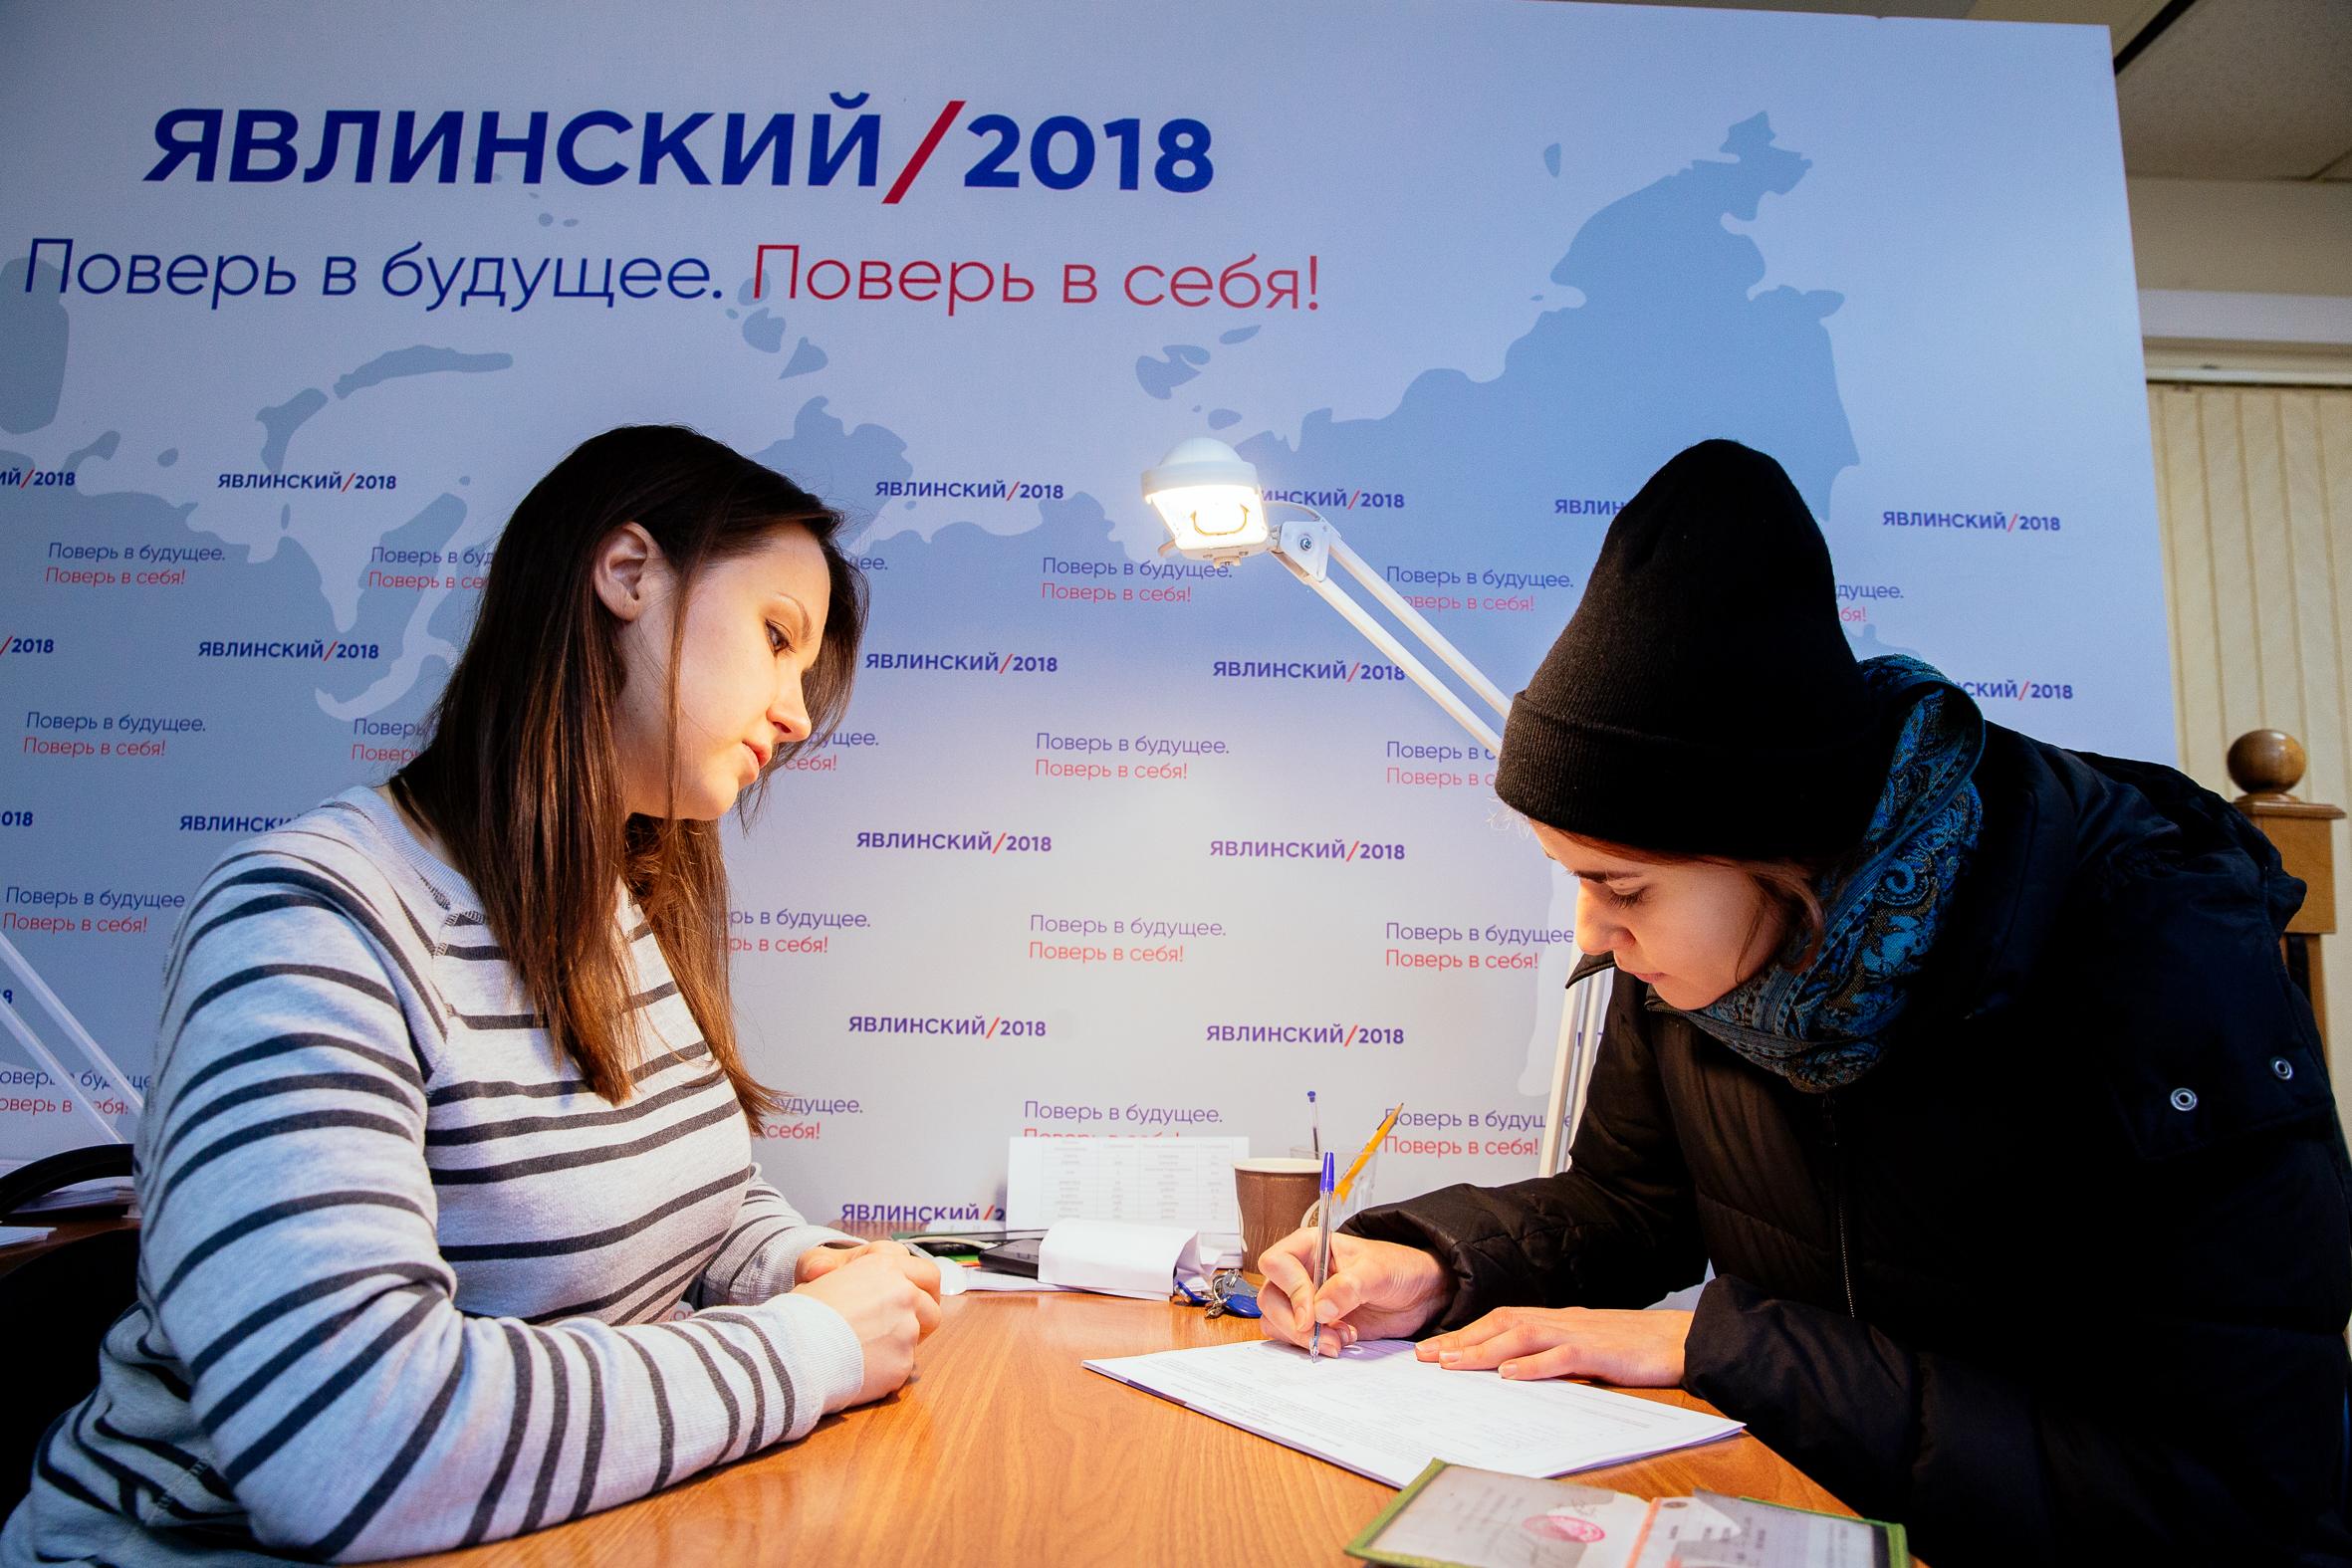 ВКирове собрали 2,5 тысячи подписей заГригория Явлинского